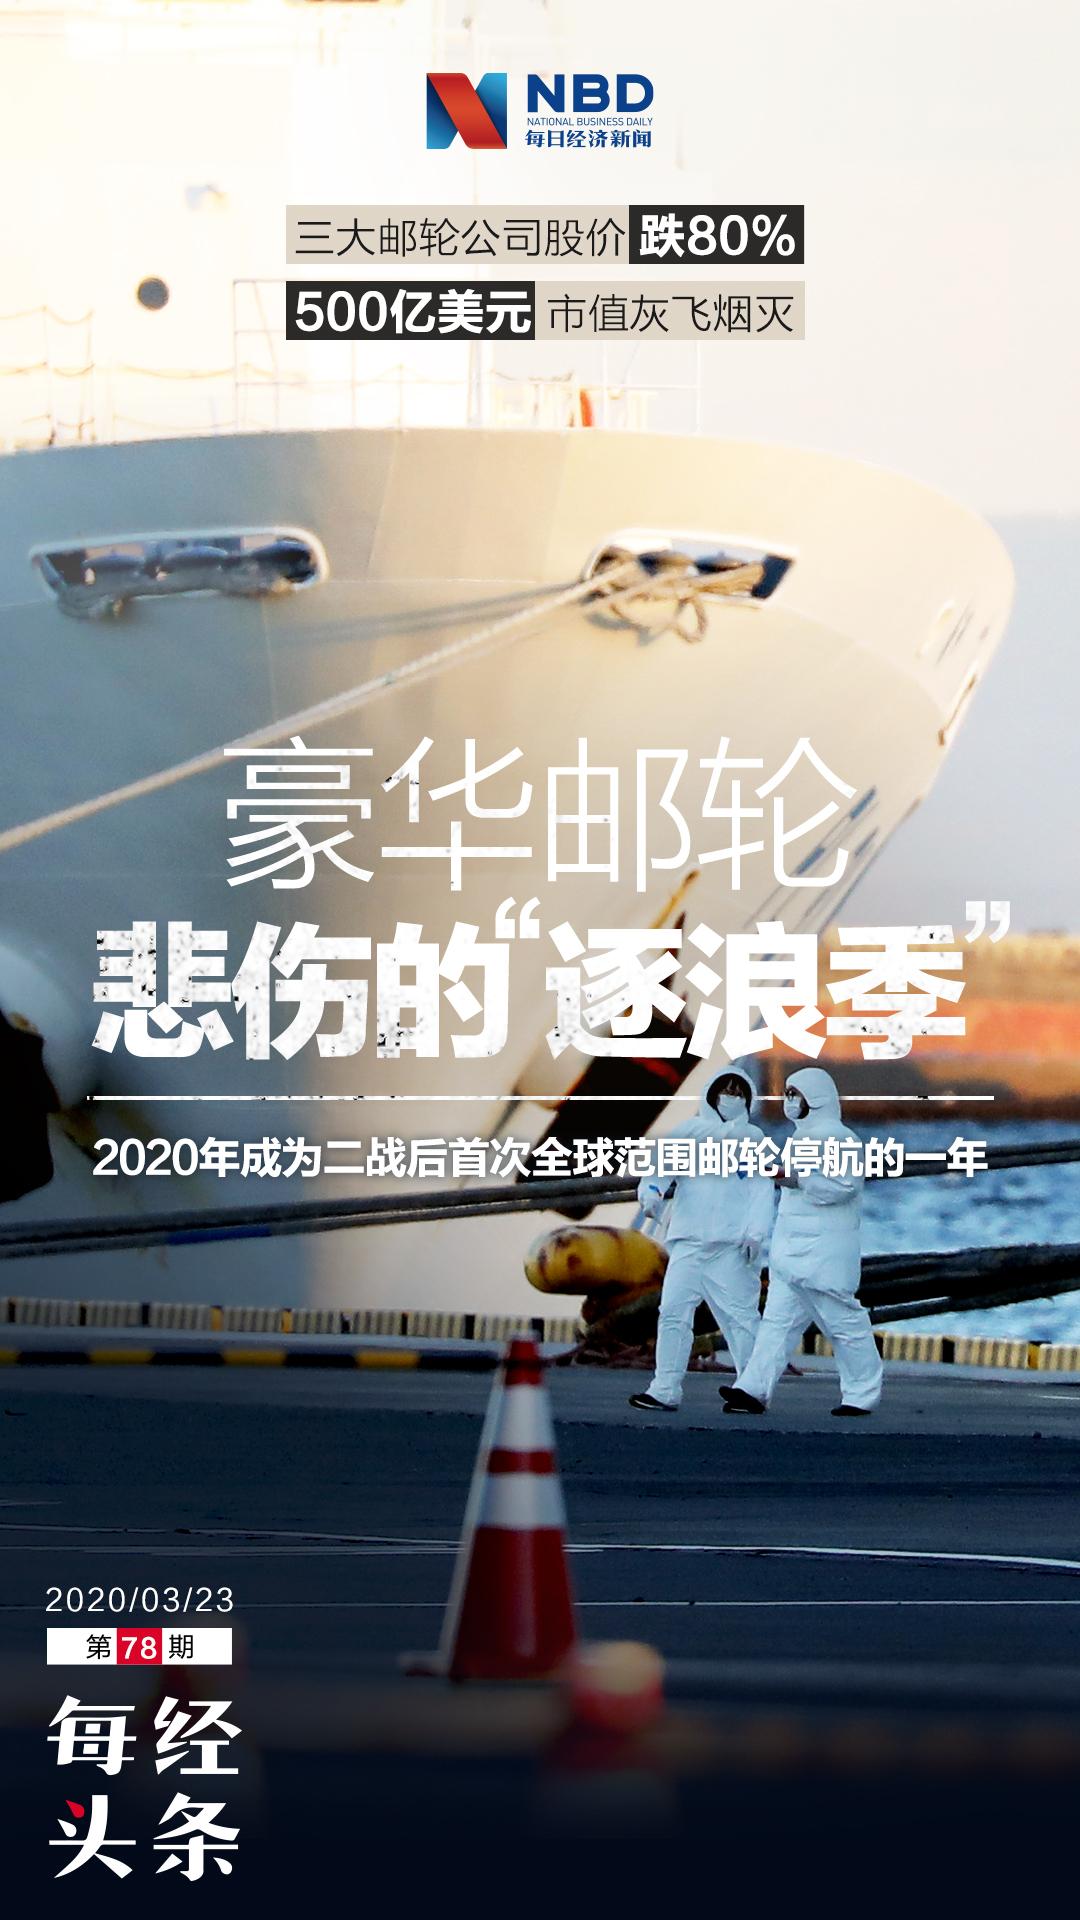 """邮轮业的悲伤""""逐浪季"""":全球停航,三大公司500亿美元市值蒸发"""